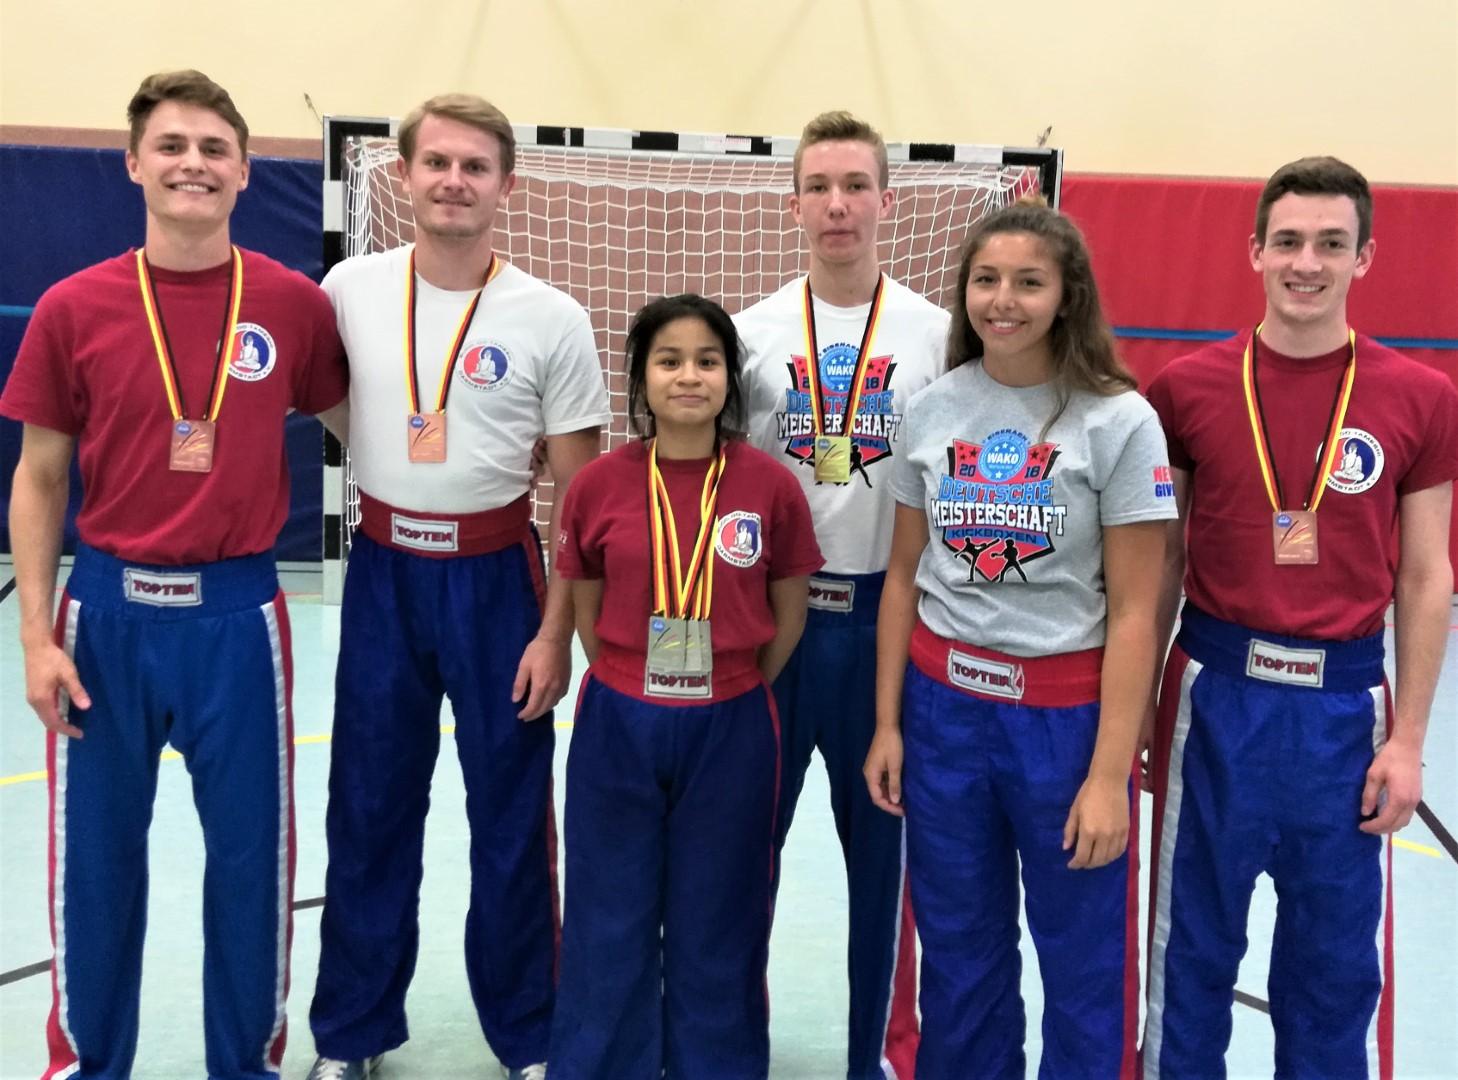 Erfolgreiches BDT Team: 4x Gold, 5x Silber, 6x Bronze, 1x 5.Platz